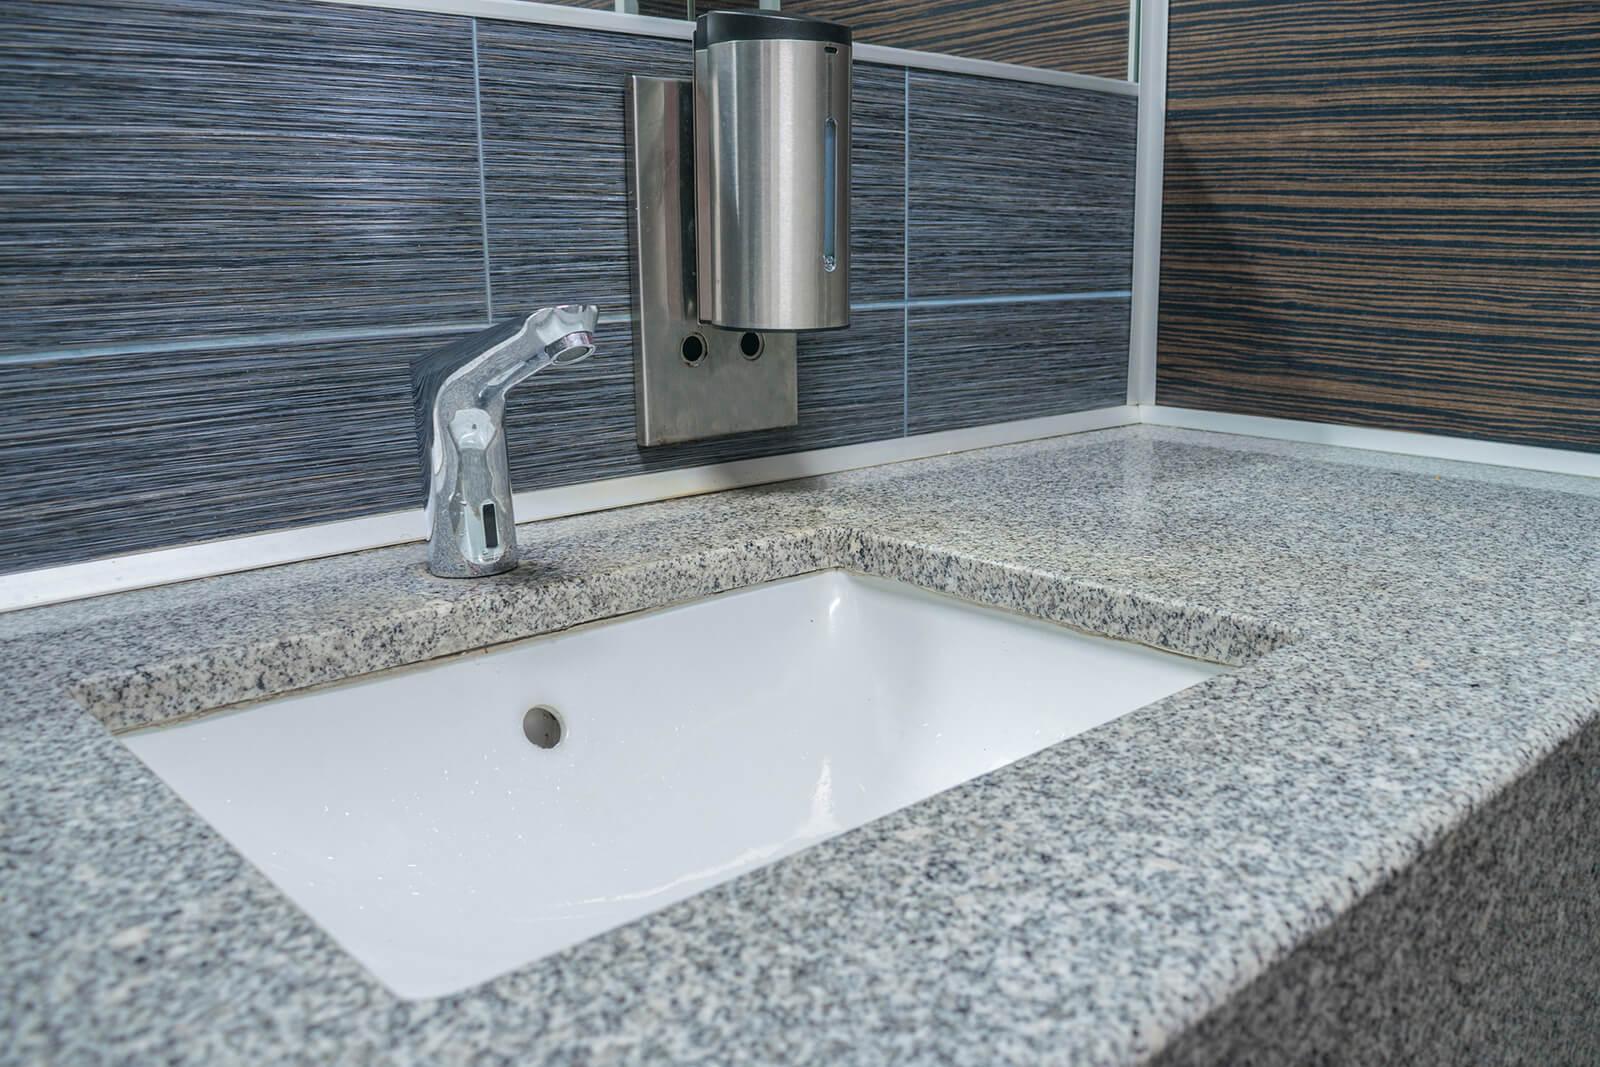 sink in public restroom